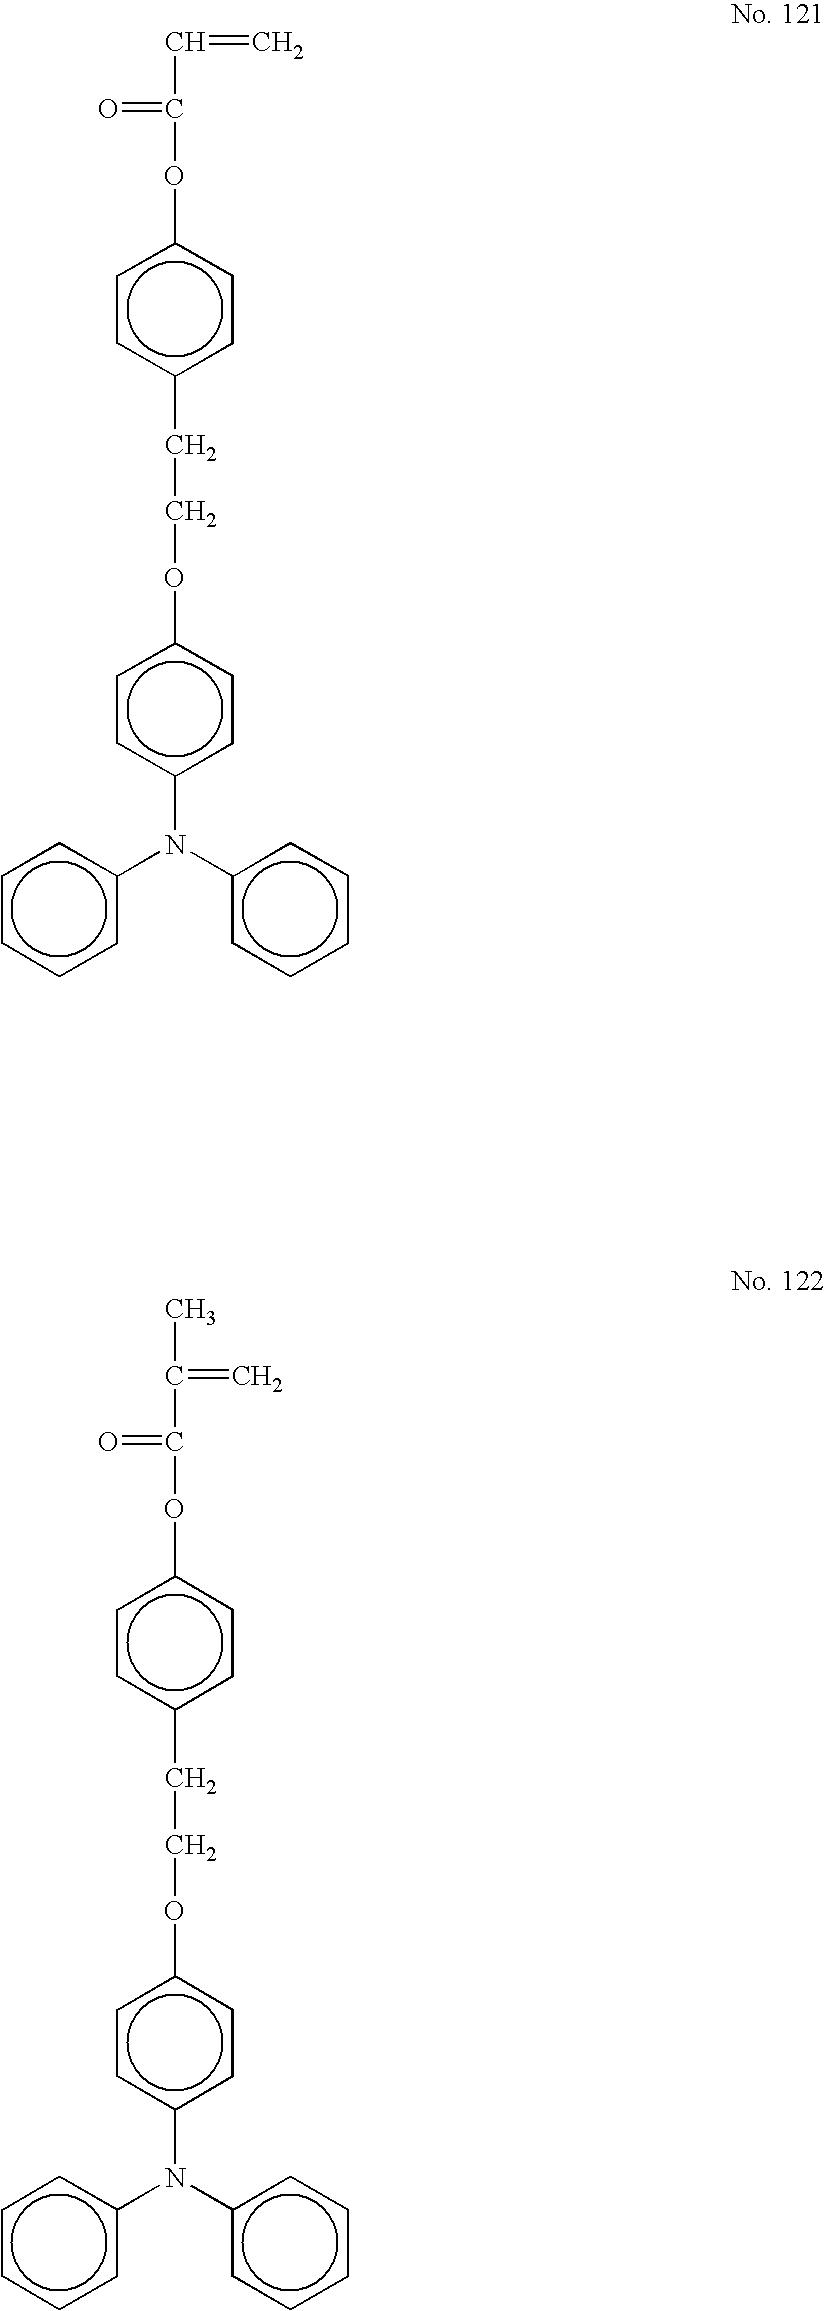 Figure US07175957-20070213-C00054